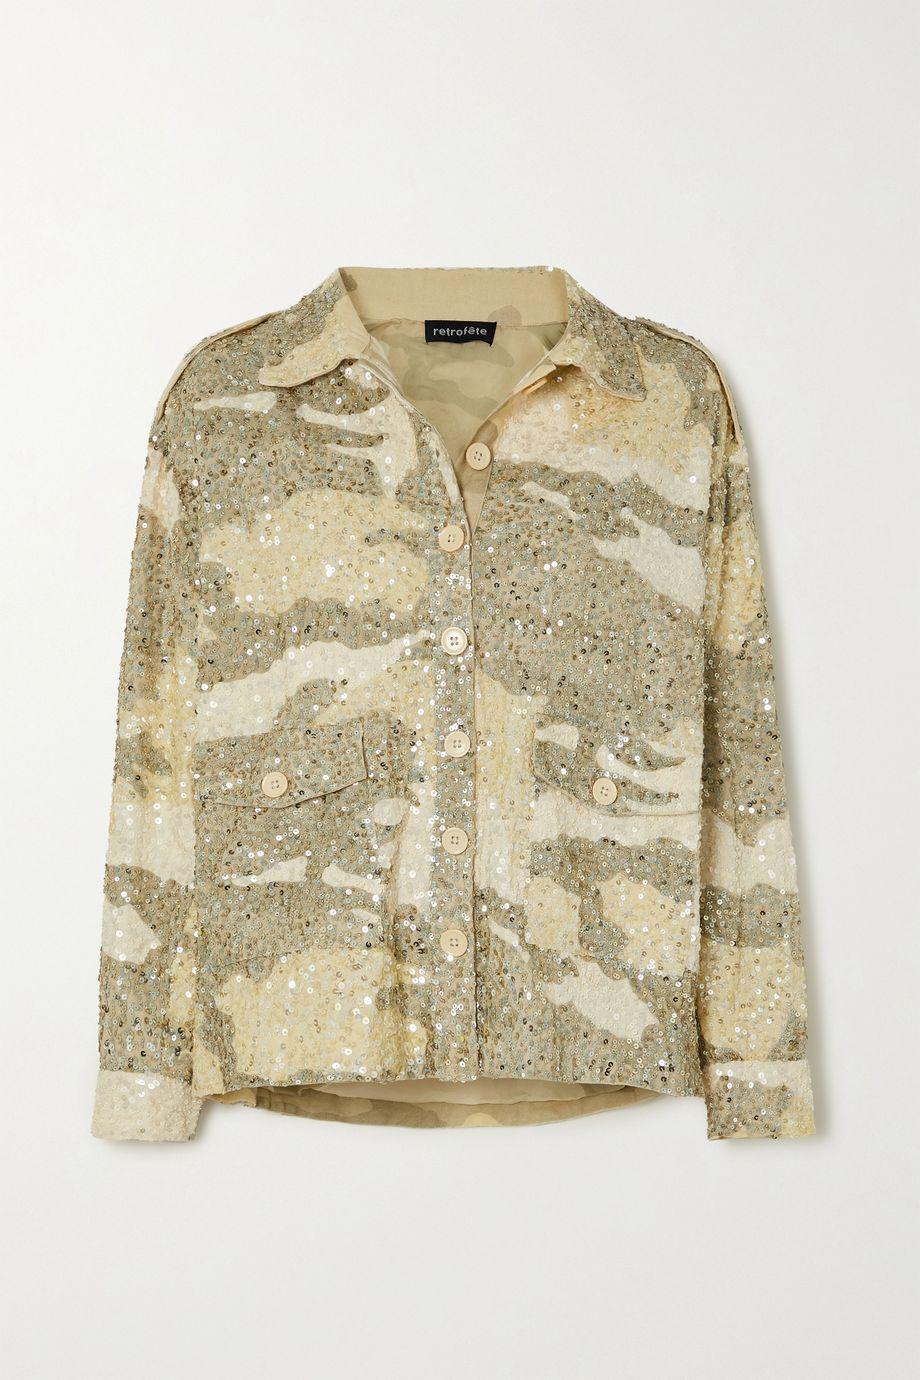 Retrofête Idan Jacke aus Baumwolle mit Camouflage-Print und Pailletten